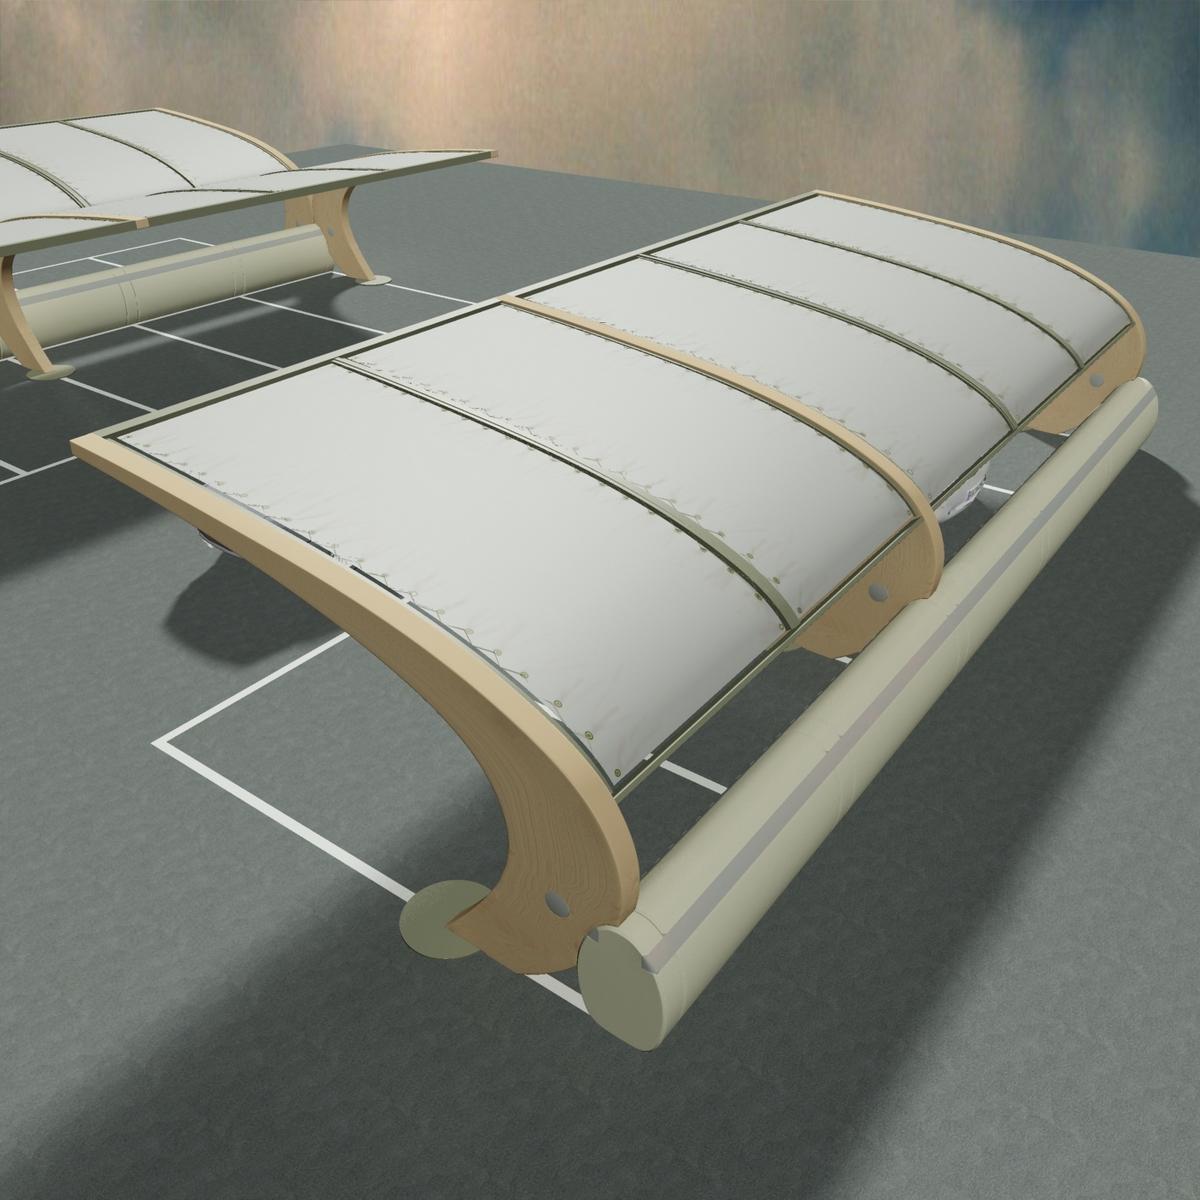 legno-telo-02-_resize